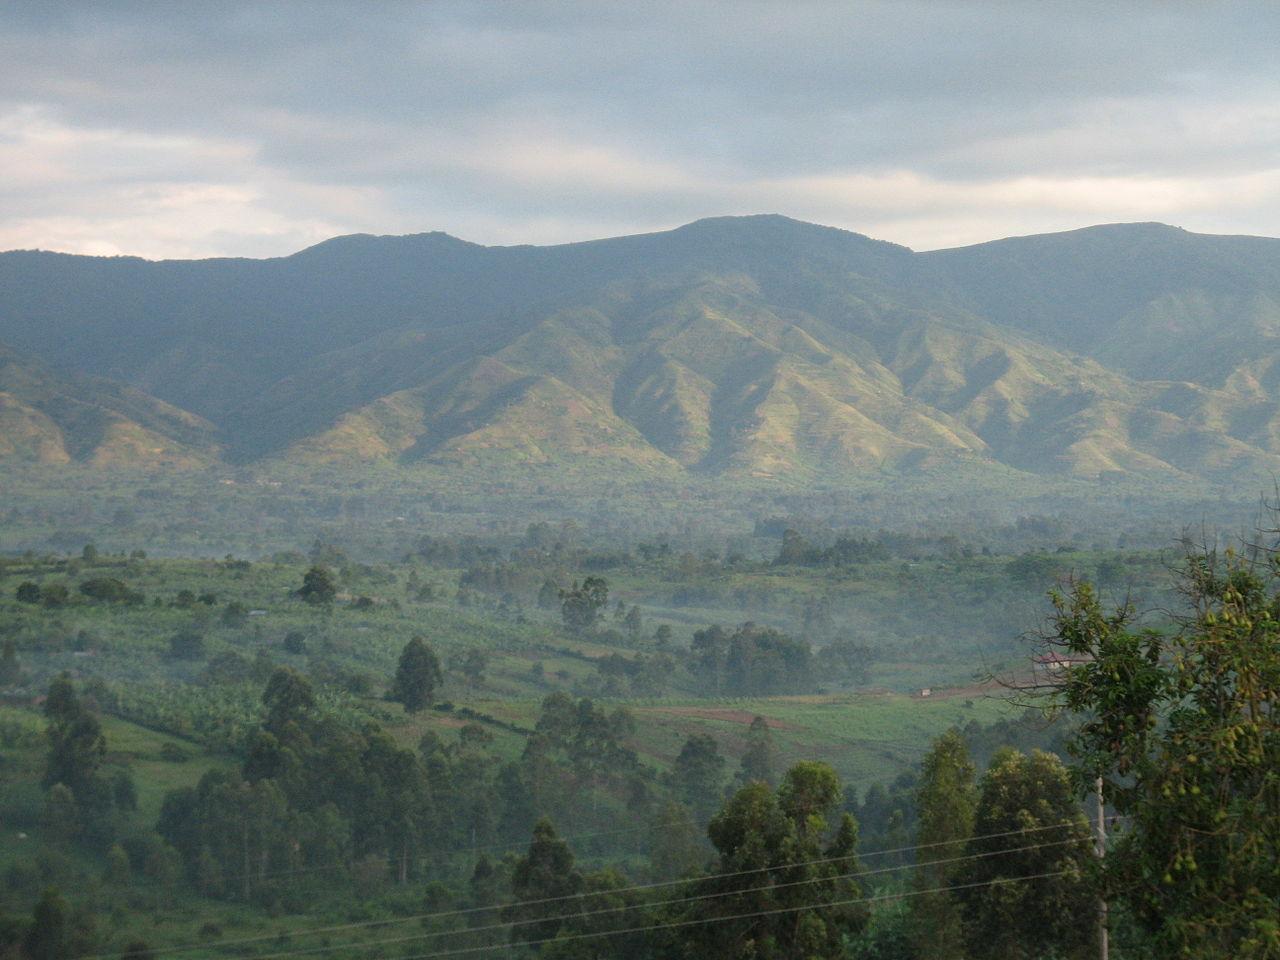 Aree protette ugandesi: il Parco Nazionale Rwenzori Mountains è stato dichiarato Patrimonio Mondiale dell'umanità.